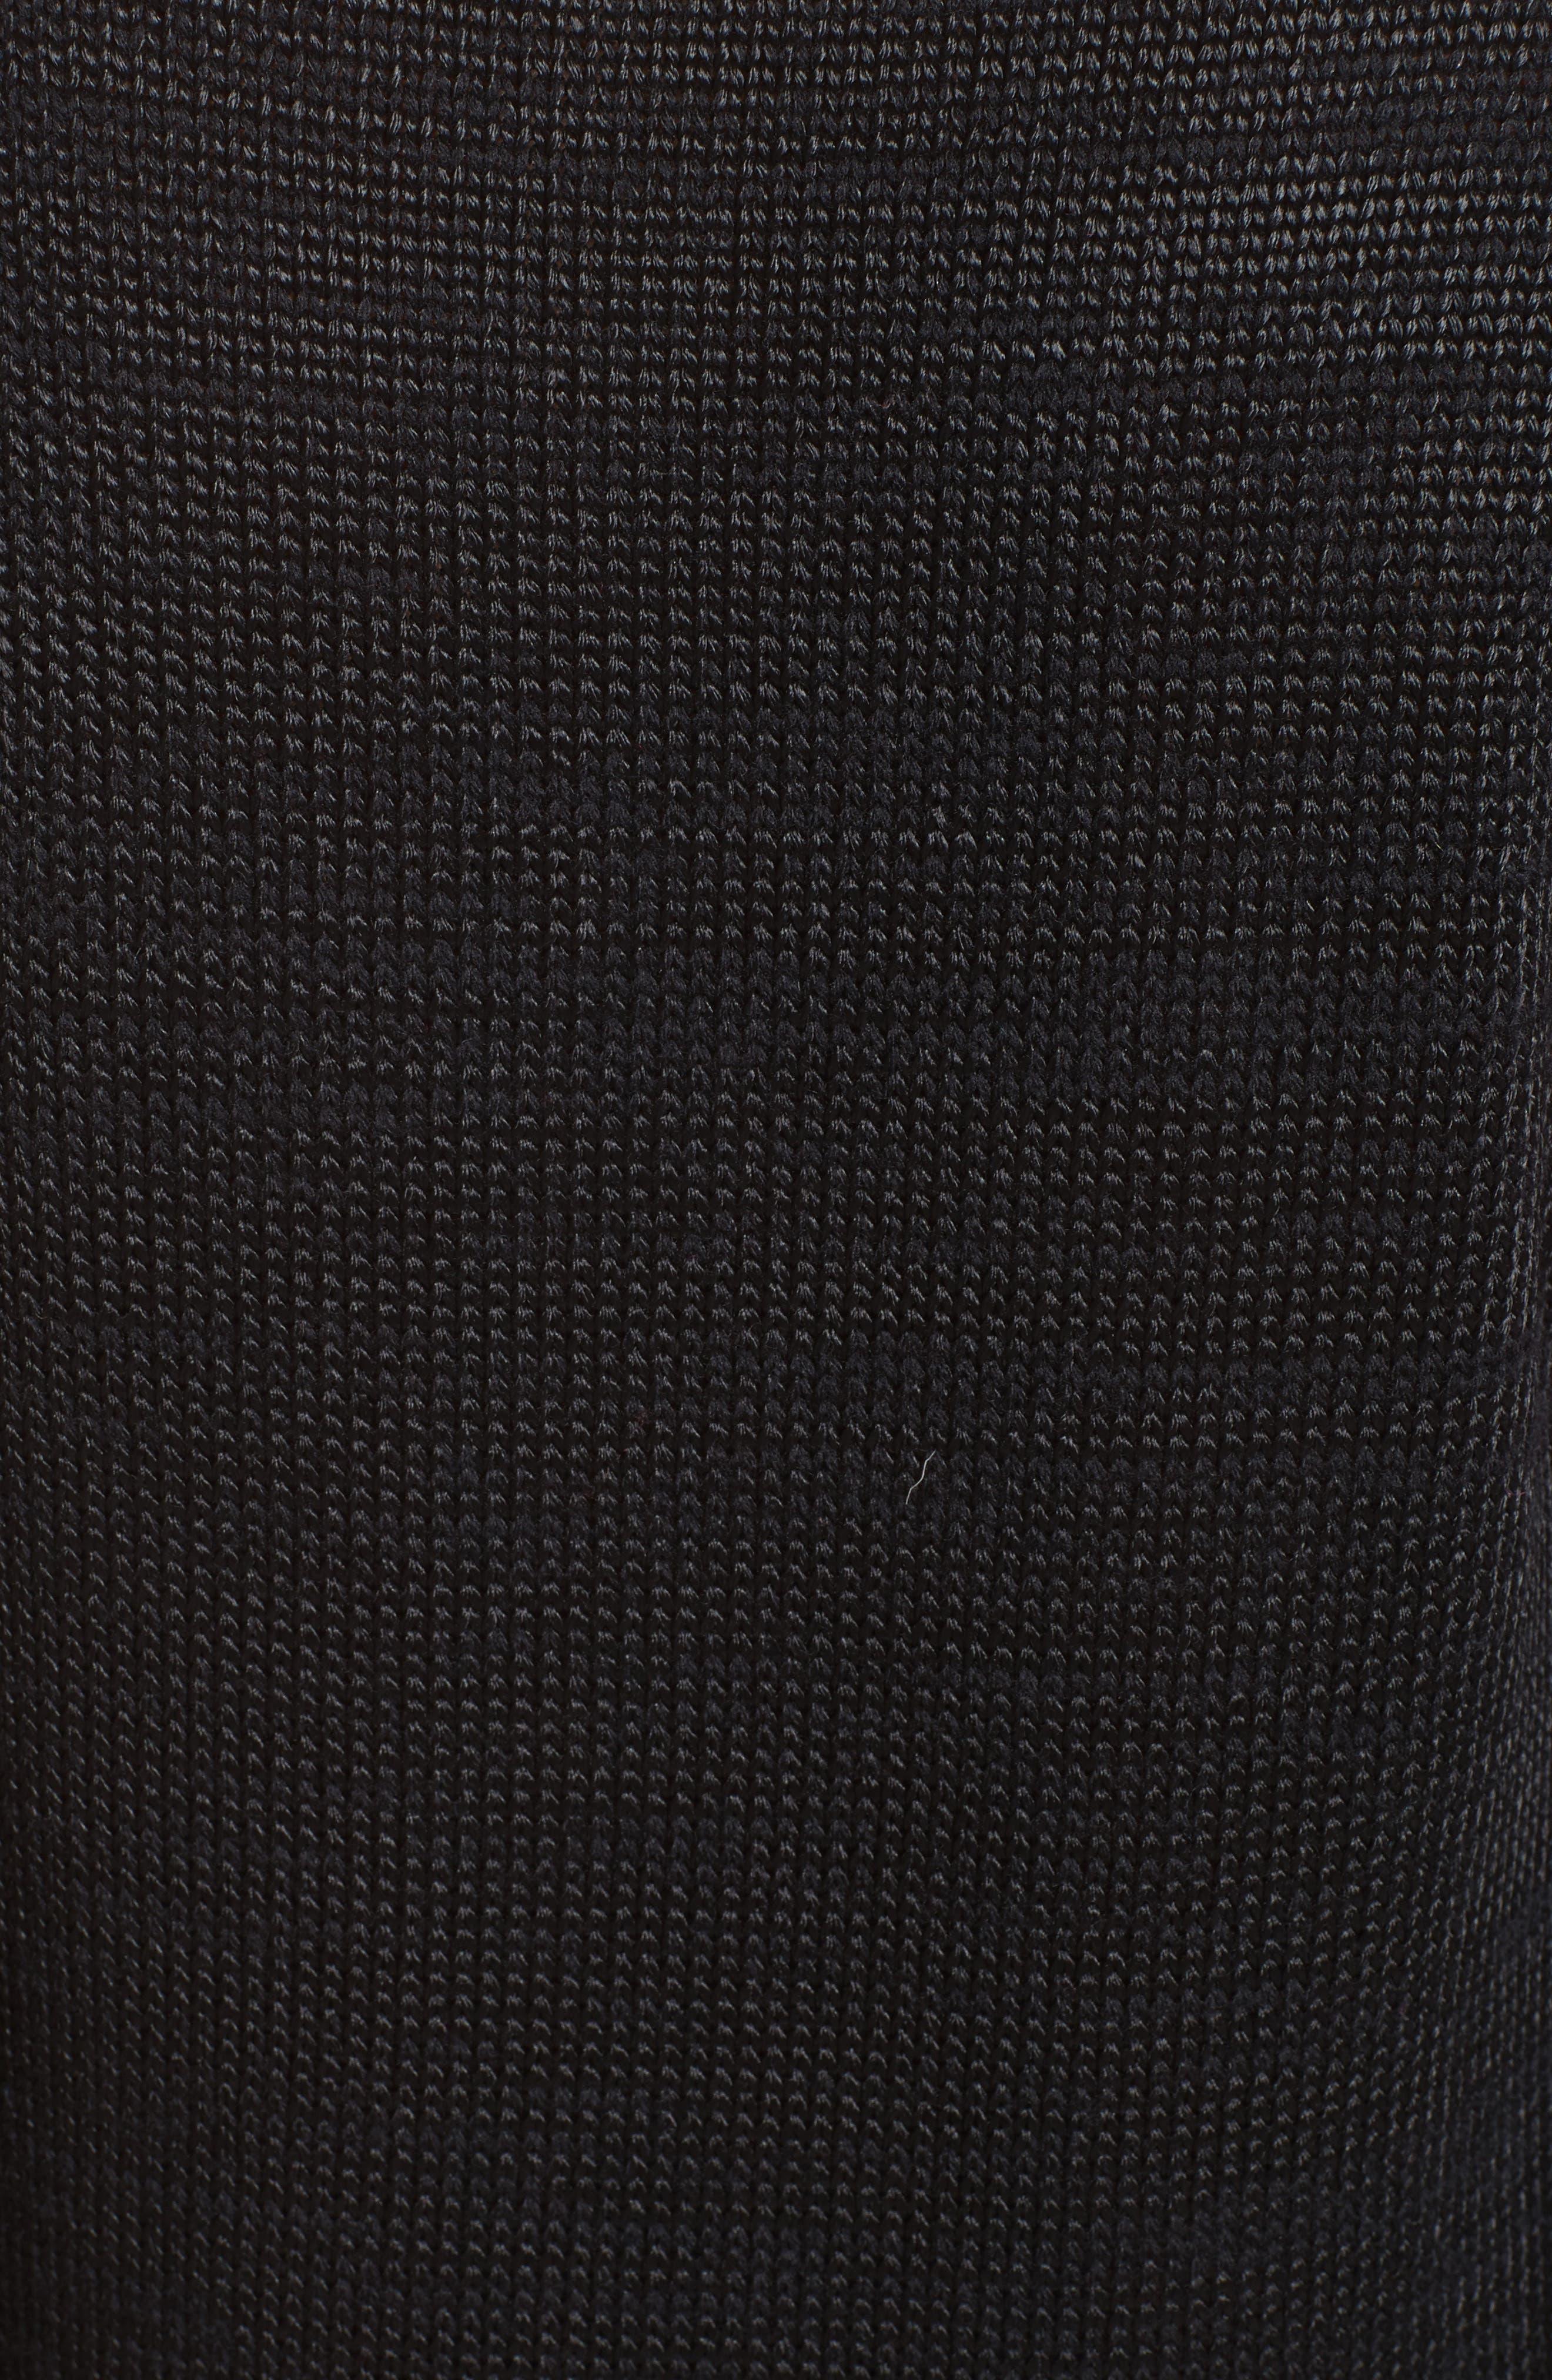 '80s Stripe Knit Sweater,                             Alternate thumbnail 3, color,                             Black Multi